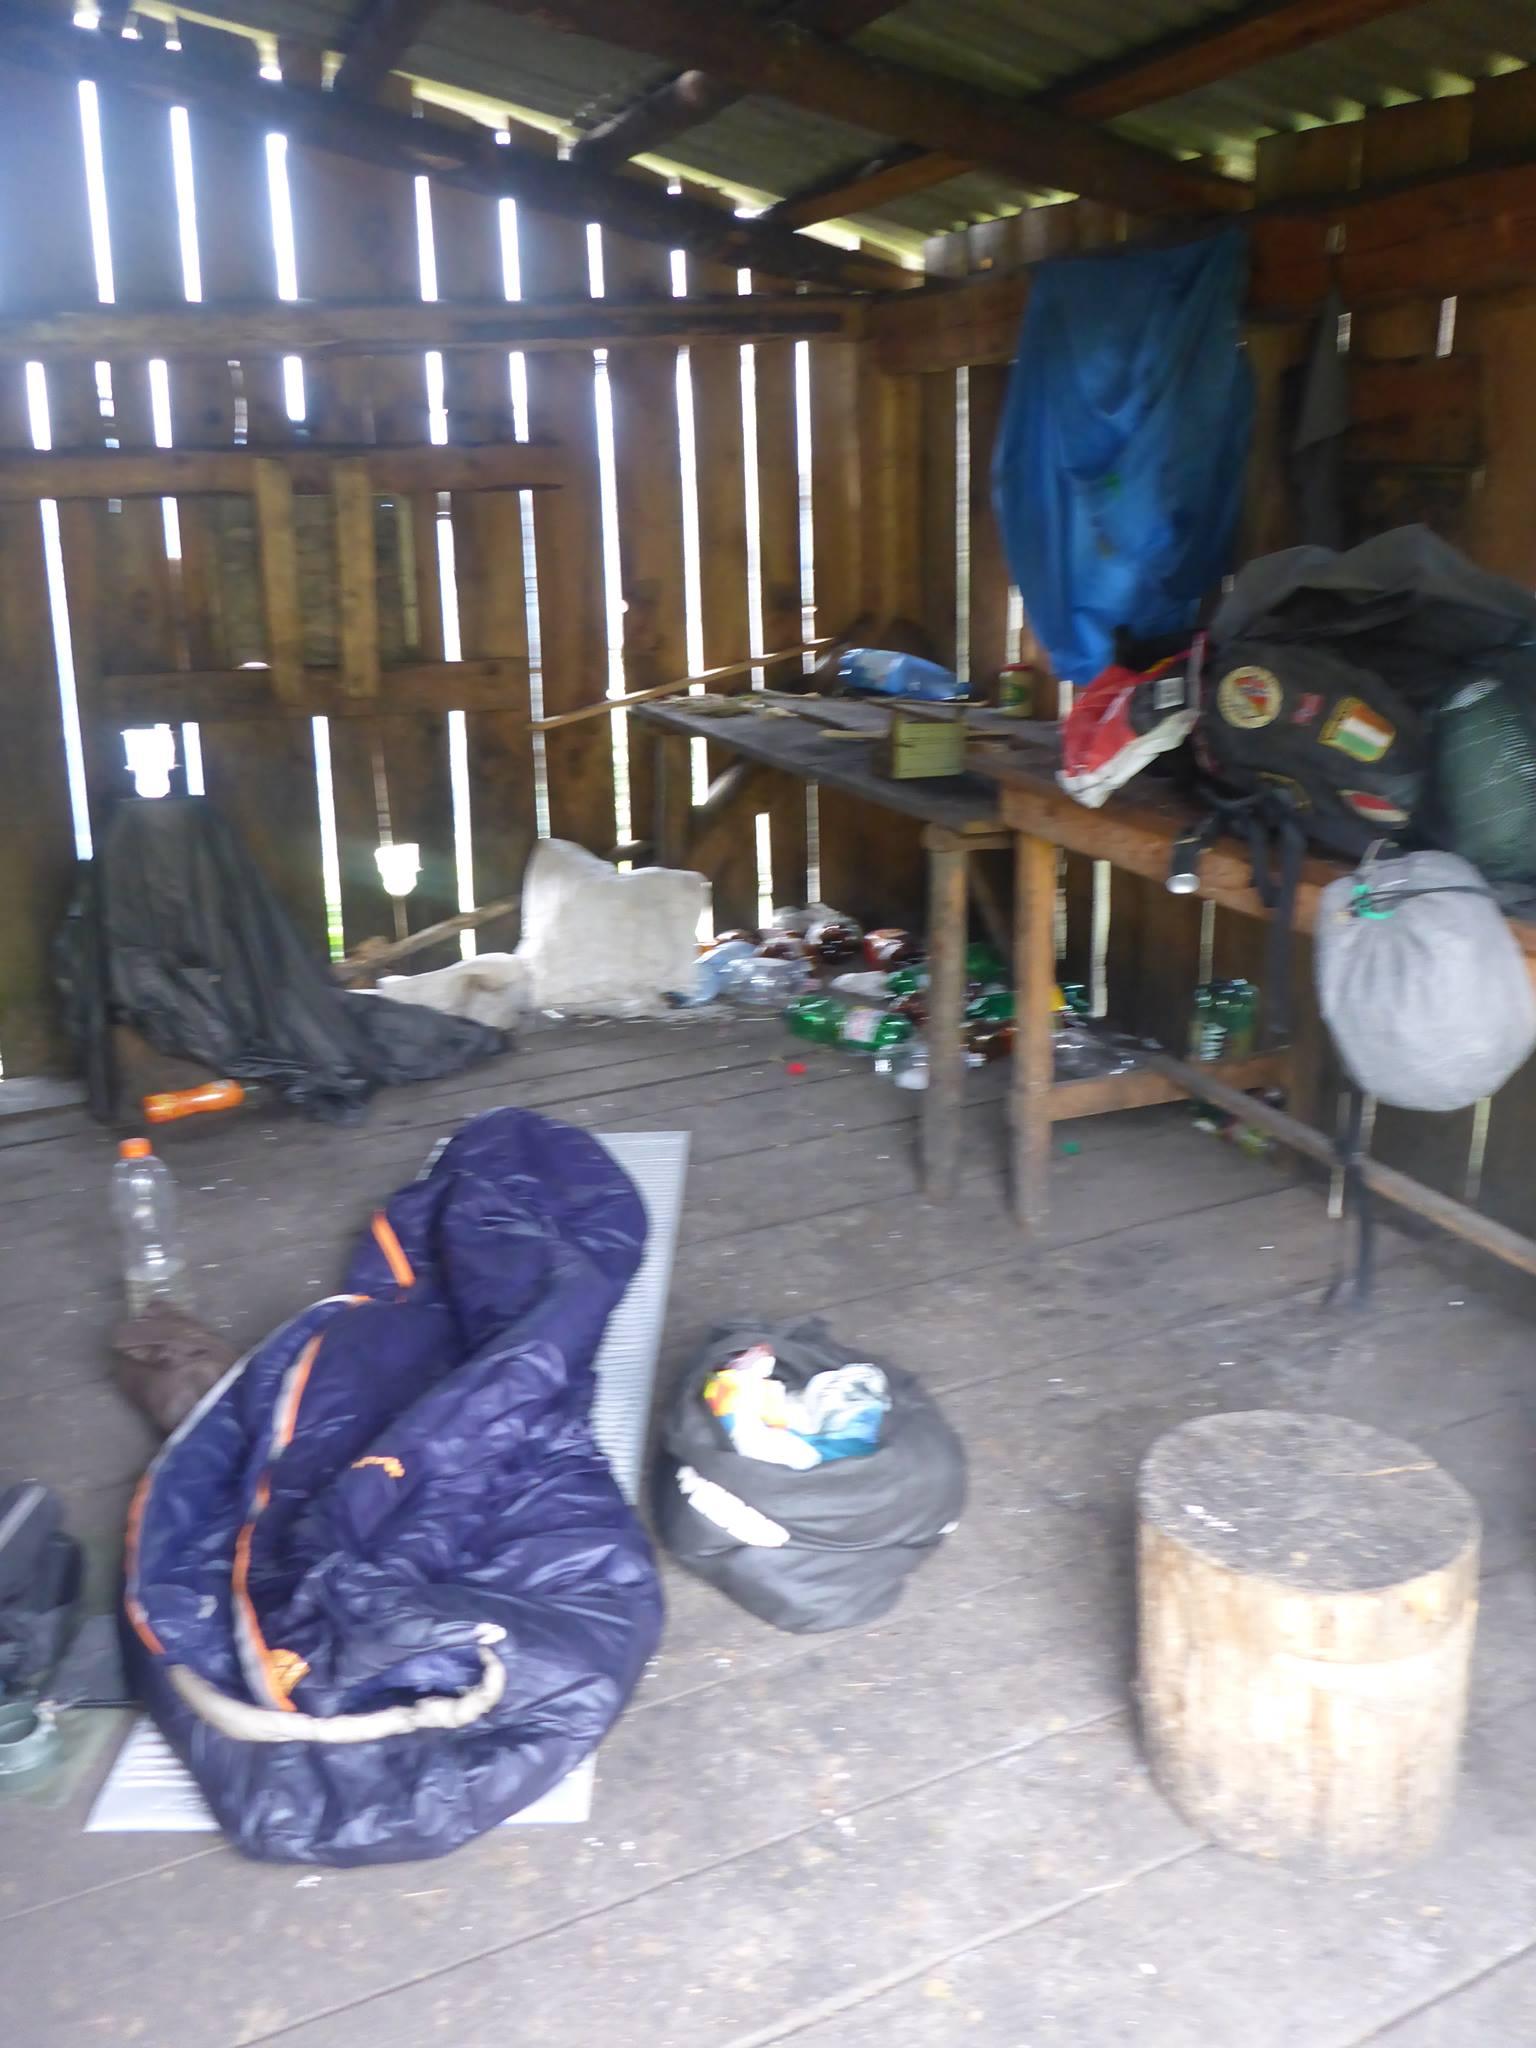 Je passe la nuit dans une bergerie abandonnée. Le vent n'a fait que hurler toute la nuit. Heureusement que quelques souris étaient là pour me tenir compagnie